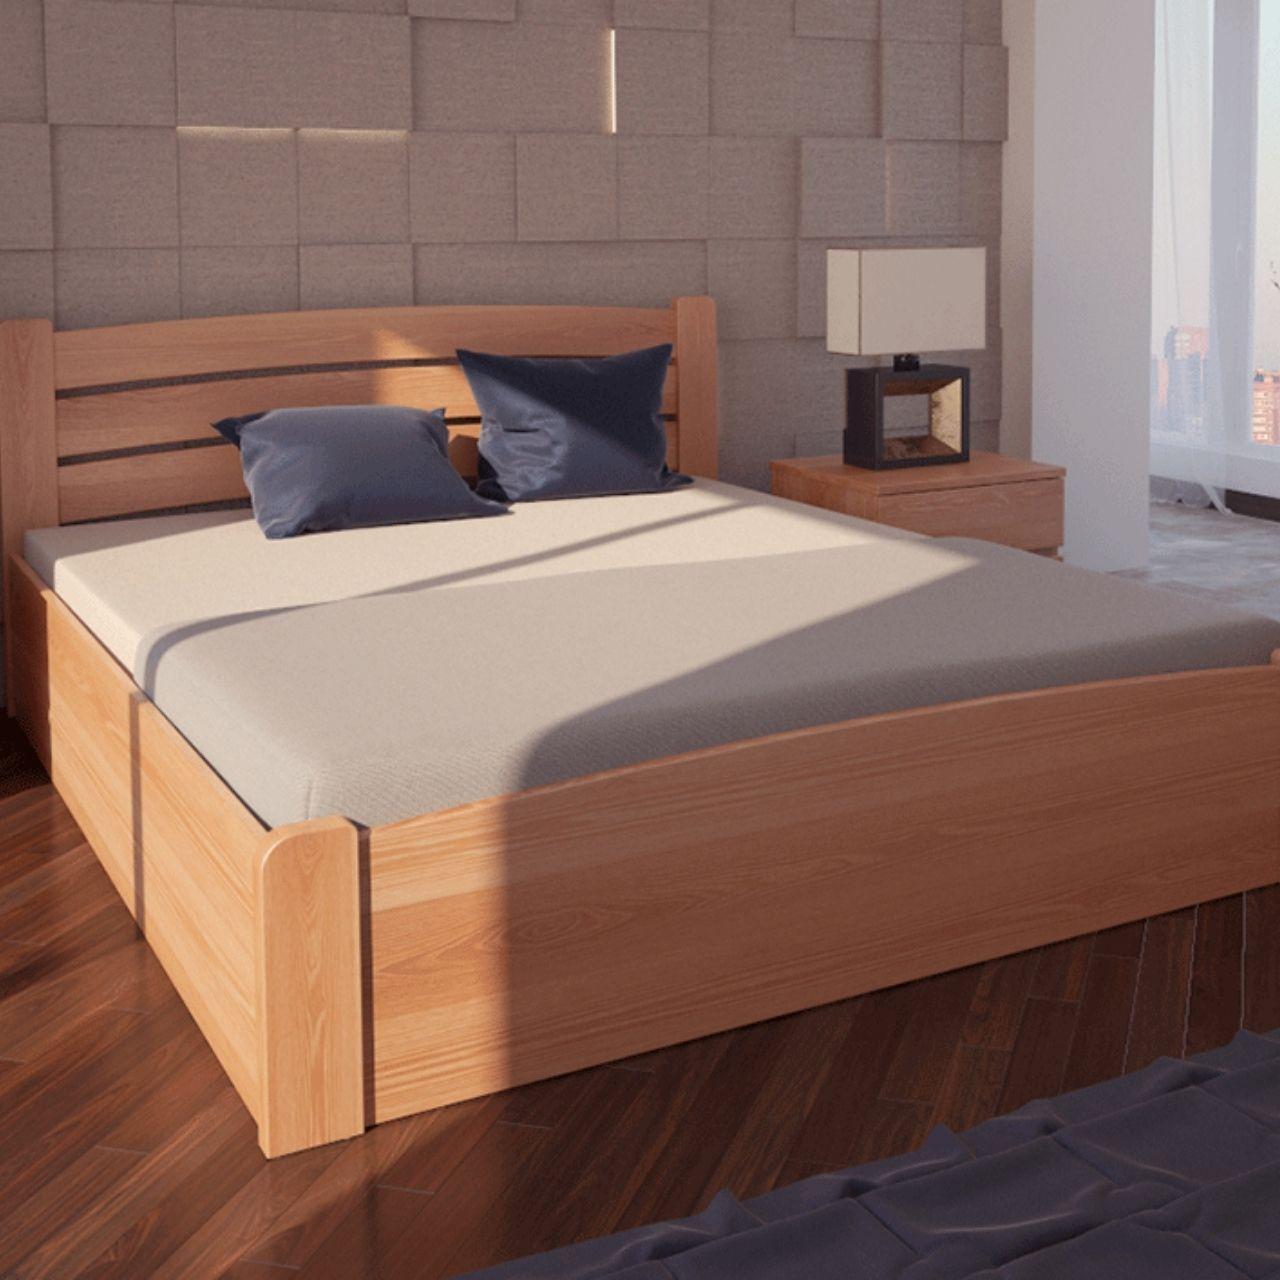 Ліжко дерев'яне Сідней з підйомним механізмом односпальне масив ясеня